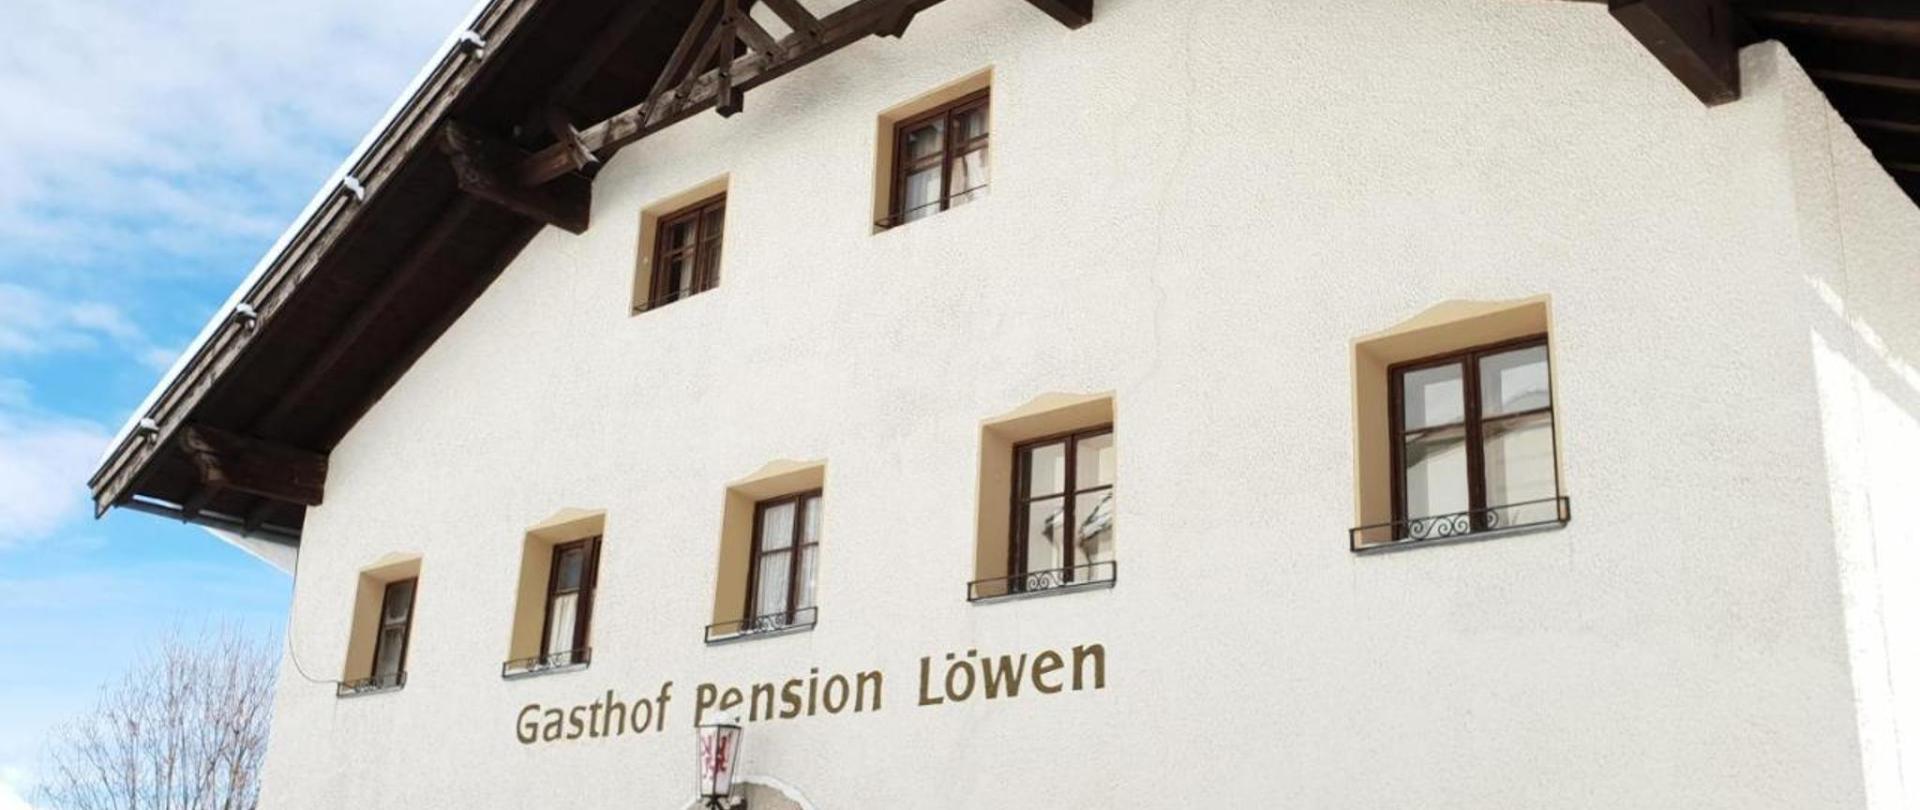 Stanton Hostel